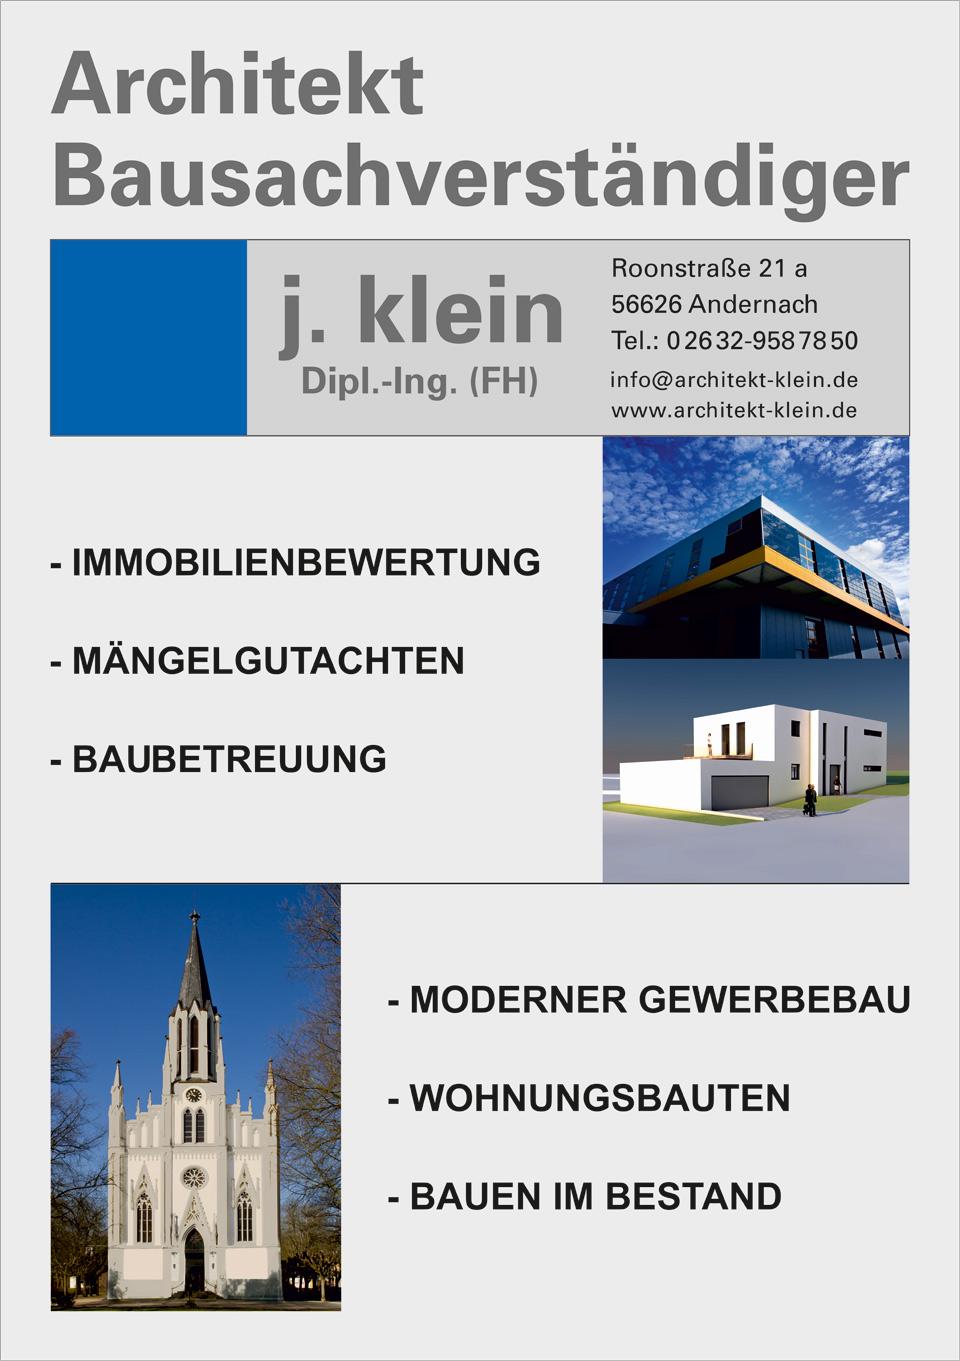 Architekt Klein in Andernach